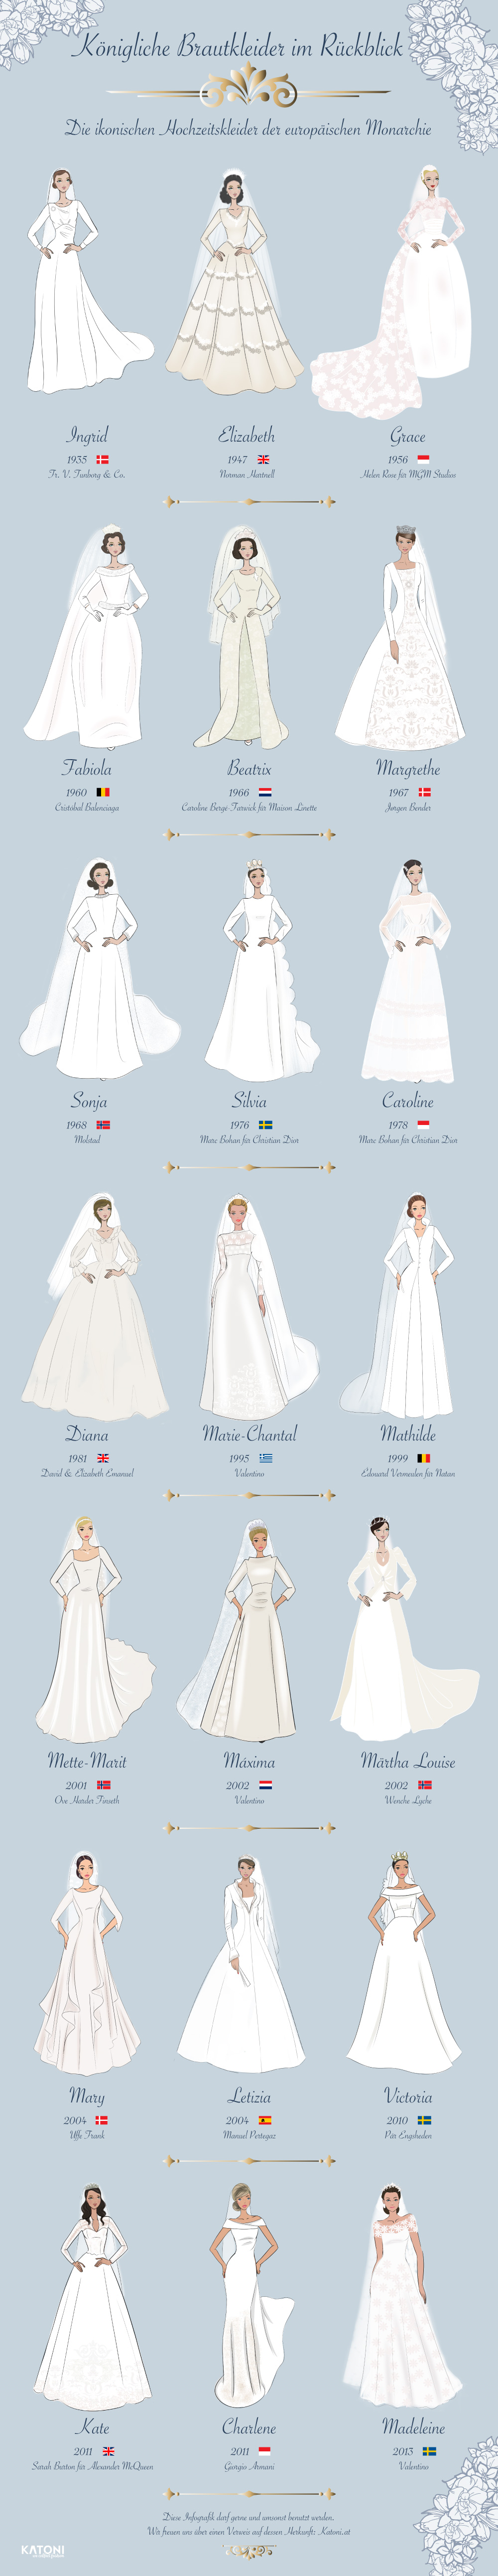 Die schönsten royalen Brautkleider - Lass dich inspirieren!